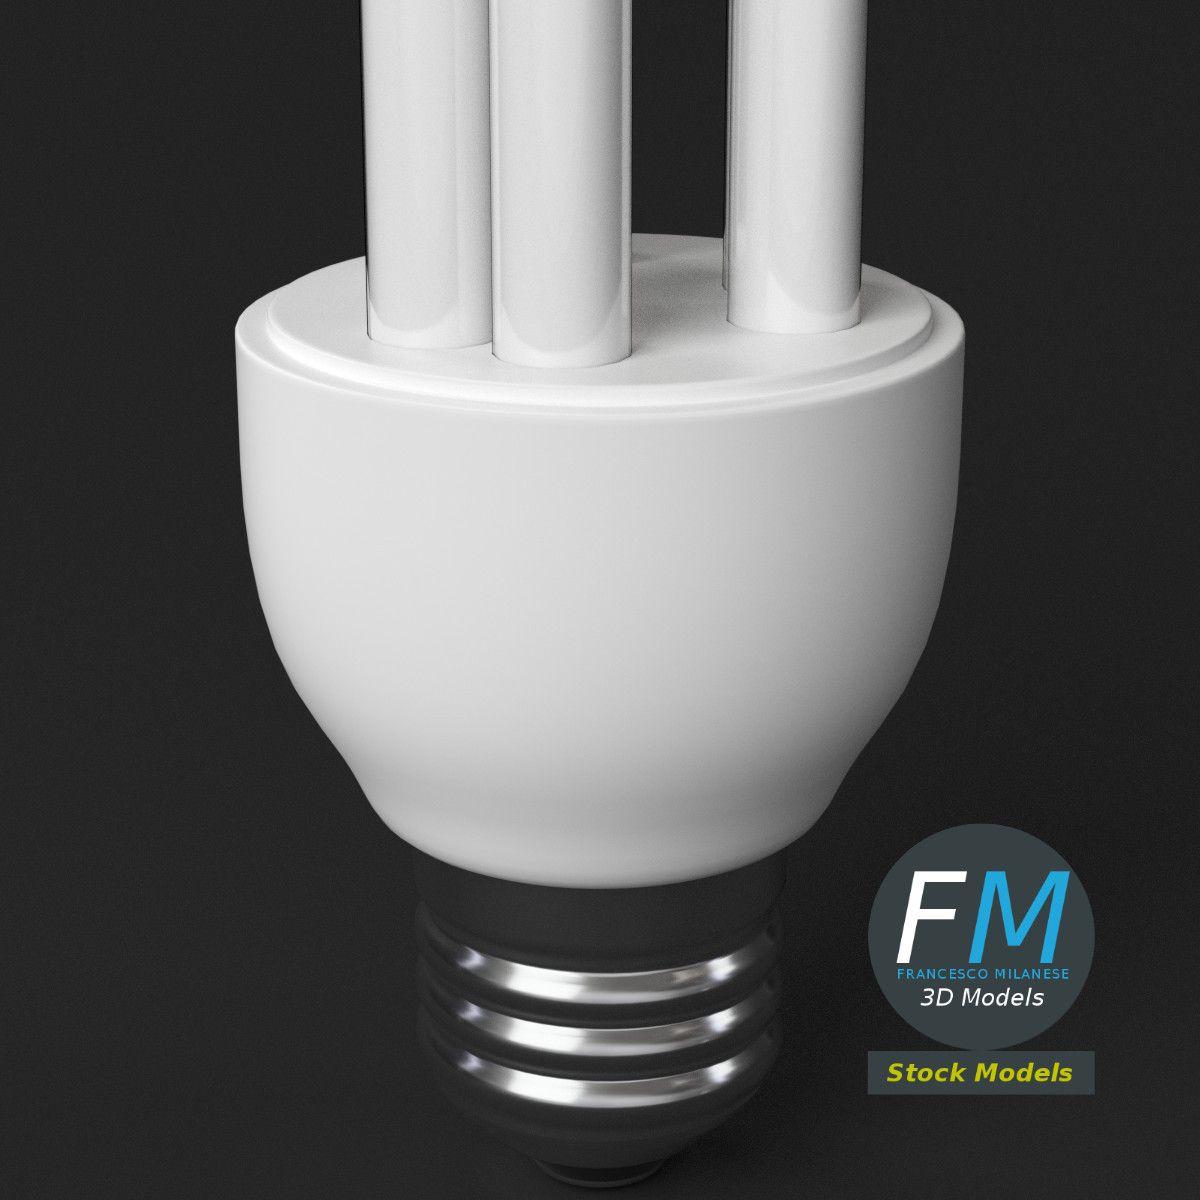 Cfl Stick Lamp Cfl Stick Lamp